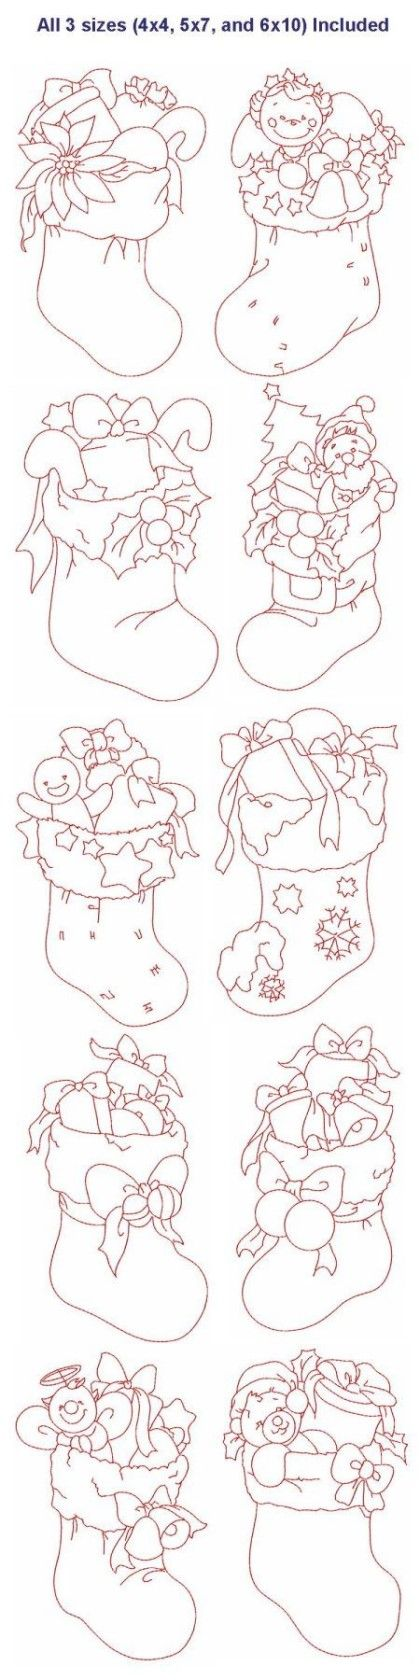 크리스마스 도안.이미지